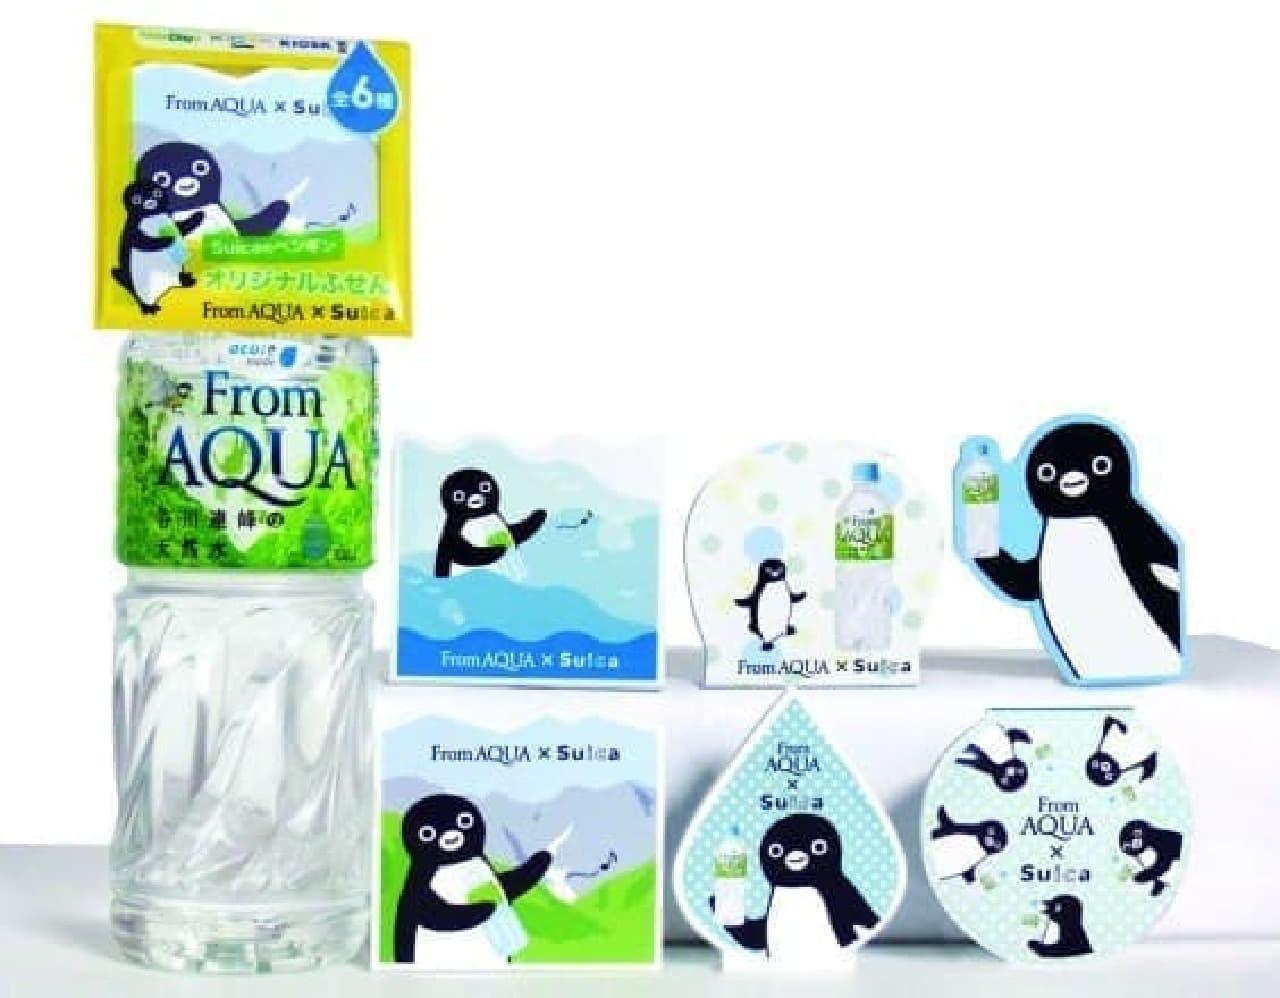 Suicaのペンギンオリジナルふせん付き天然水「From AQUA」